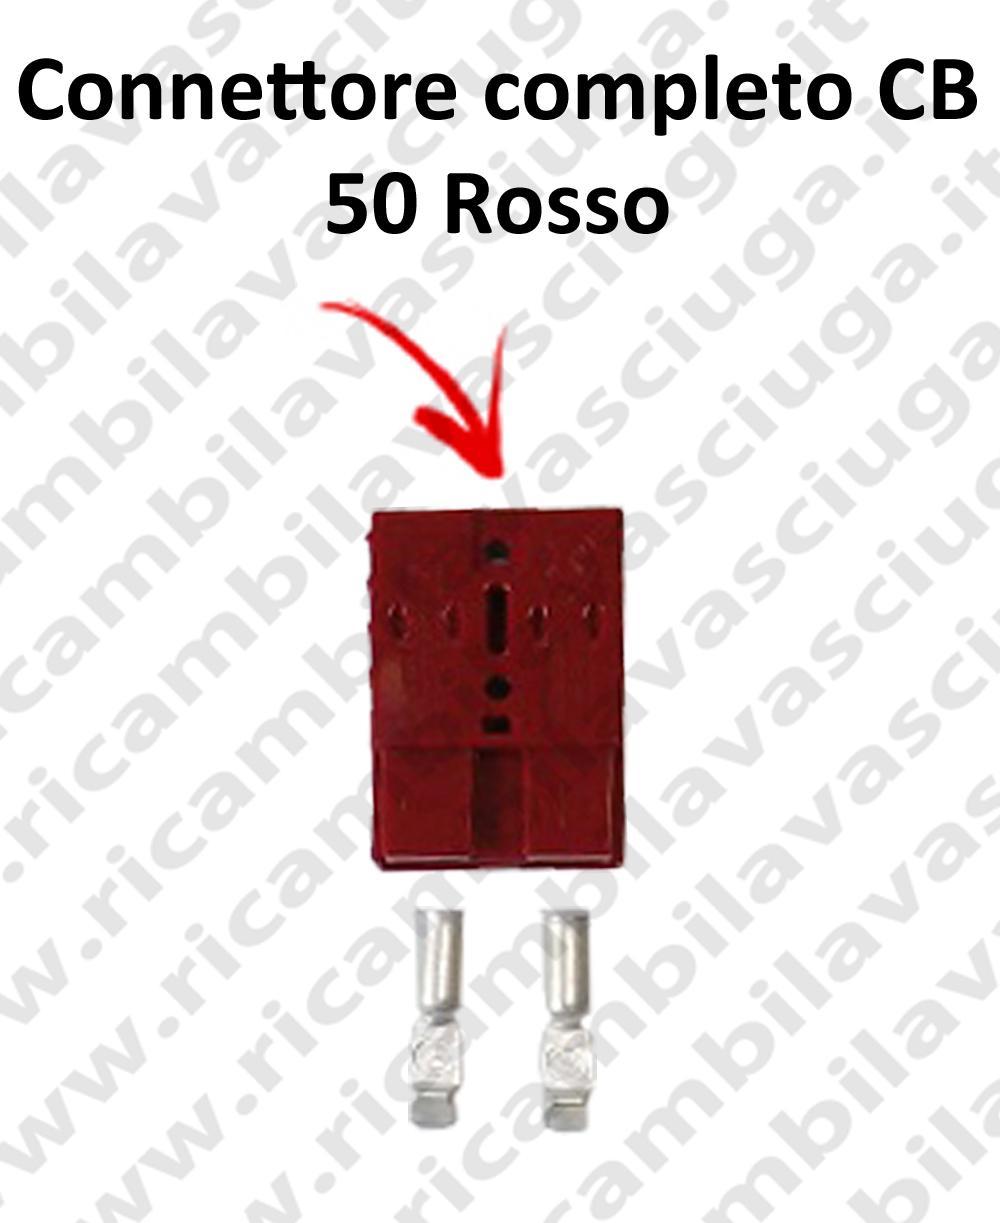 Connettore CB 50 Rosso completo di morsetti per batterie e caricabatterie